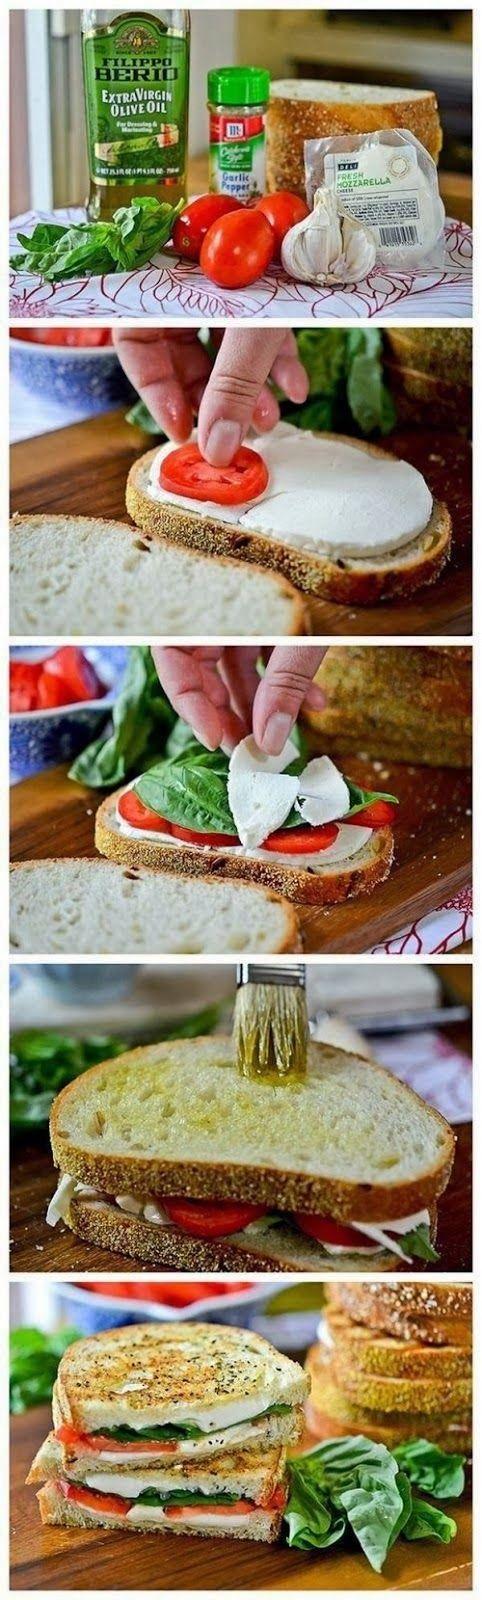 Grilled Margherita Sandwiches | Kitchen Vista's